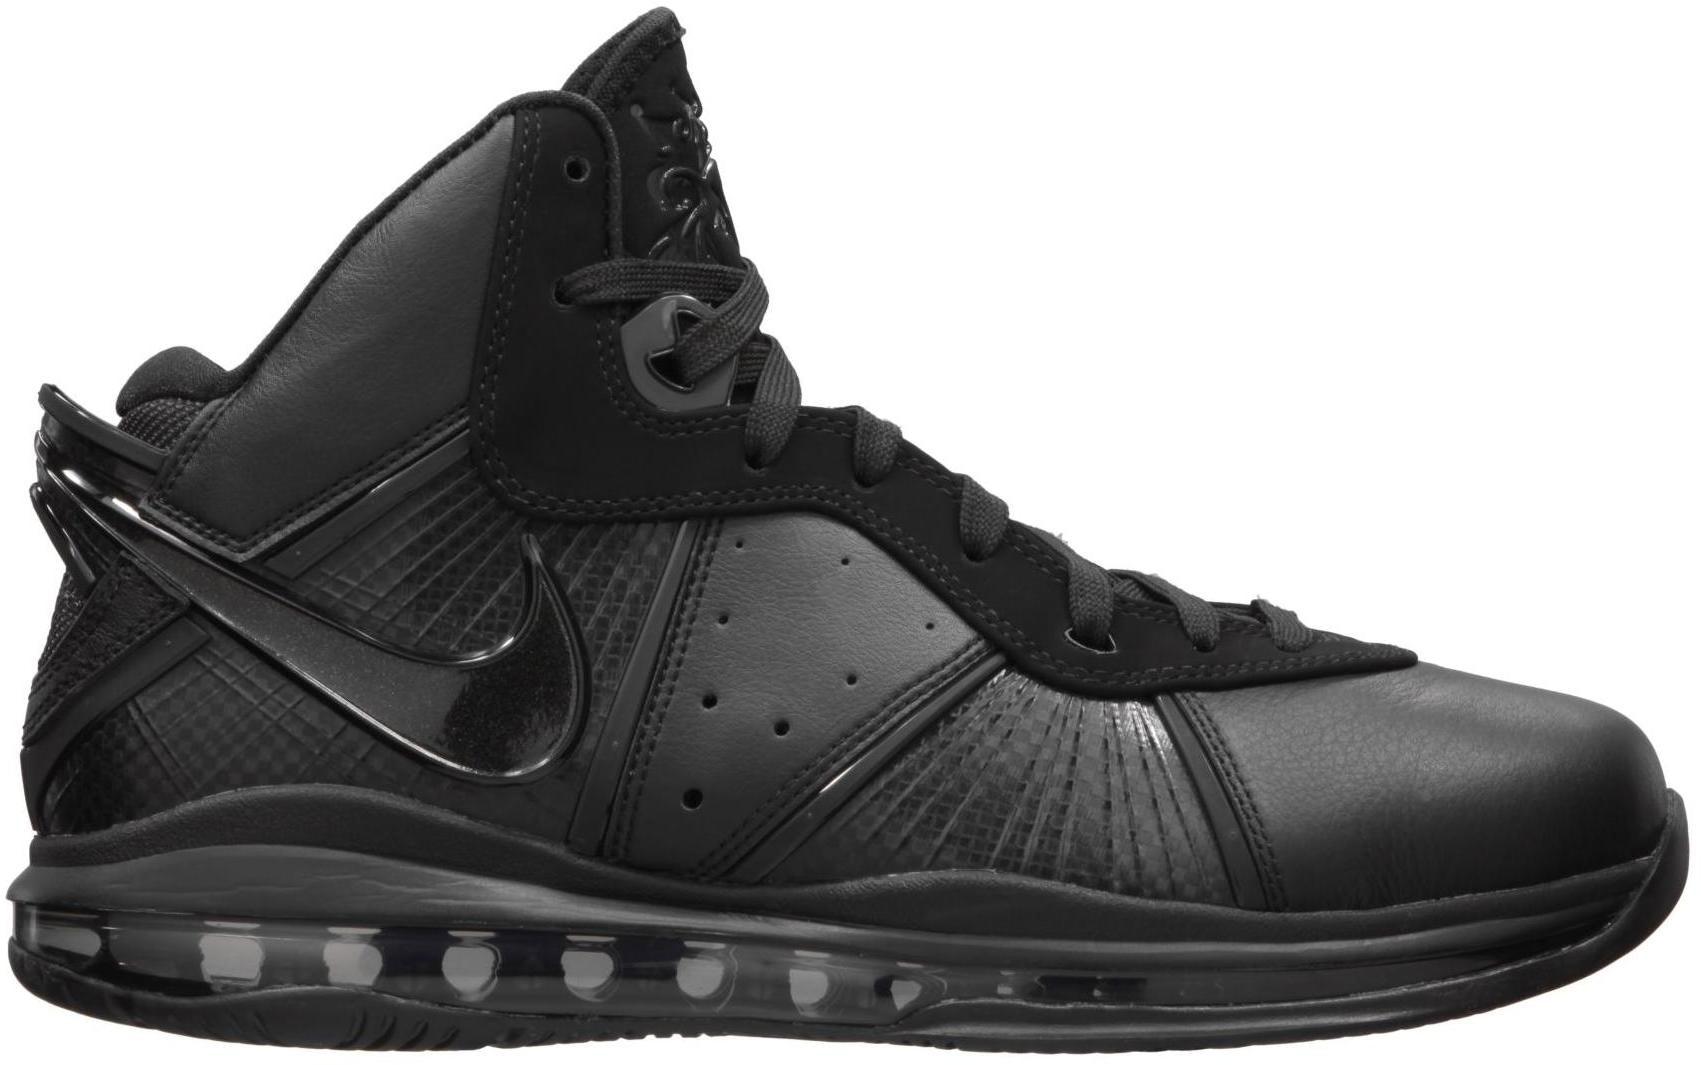 LeBron 8 Blackout